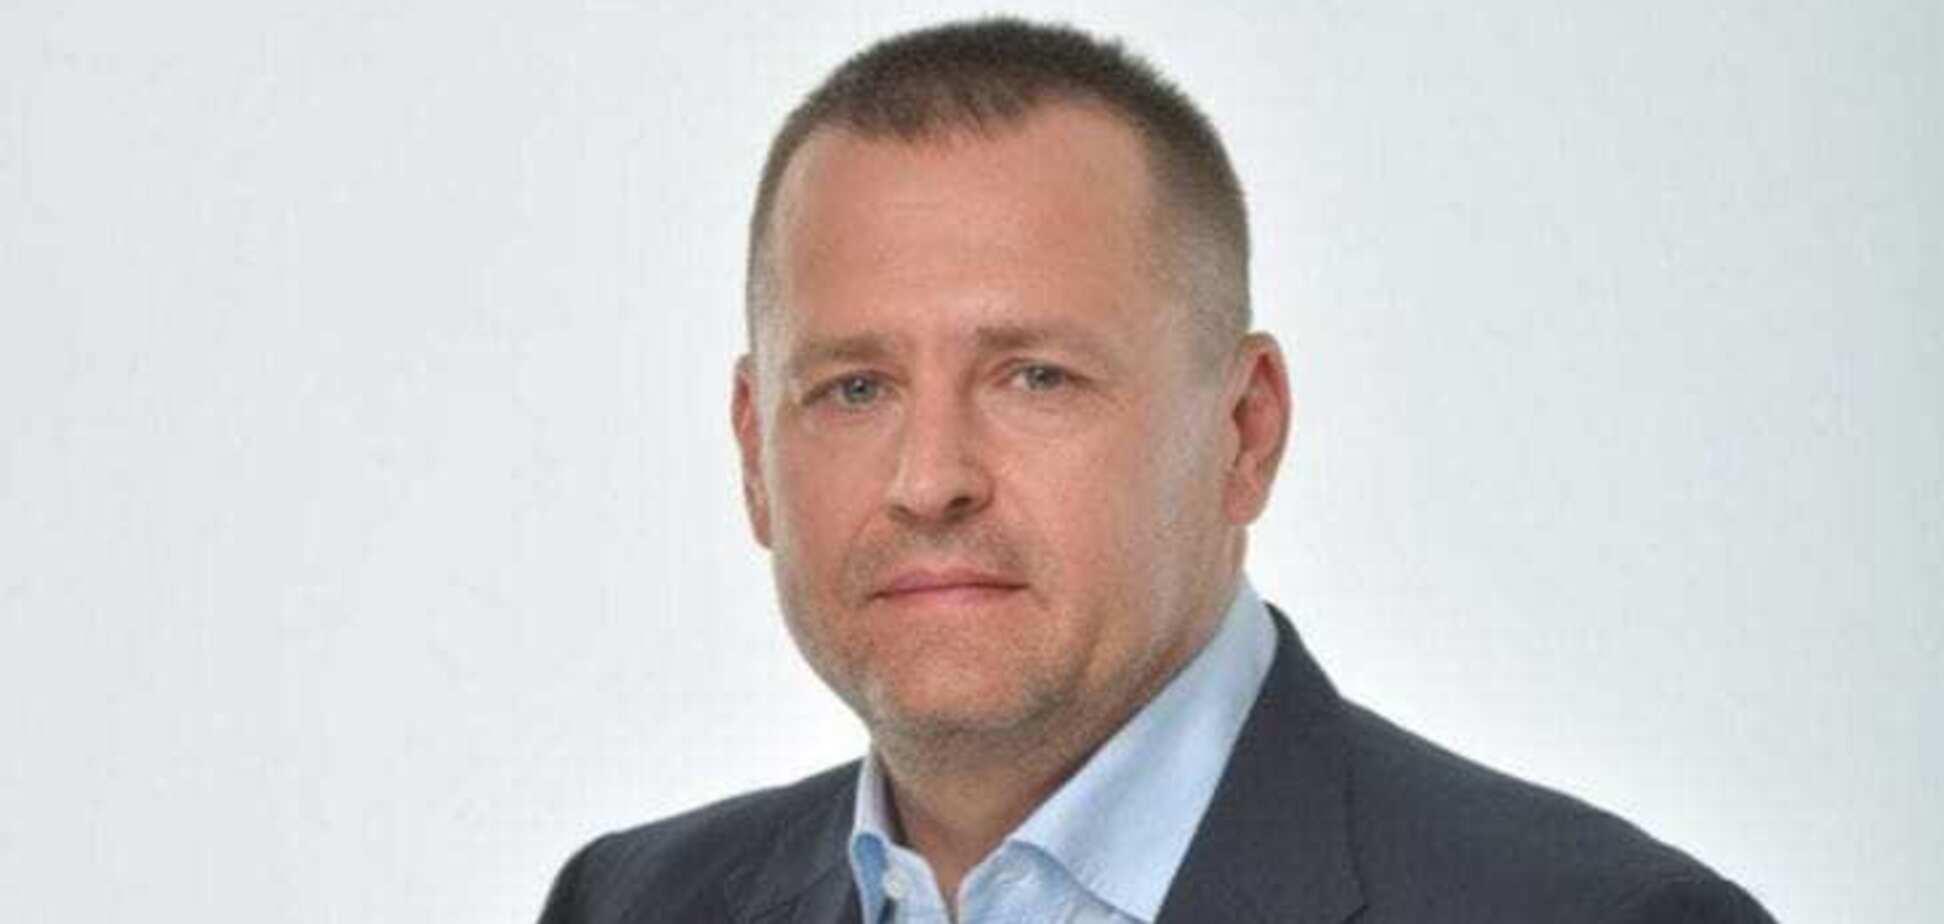 Филатов зарегистрирован первым кандидатом на выборы в мэры Днепра. Фото: Наше місто